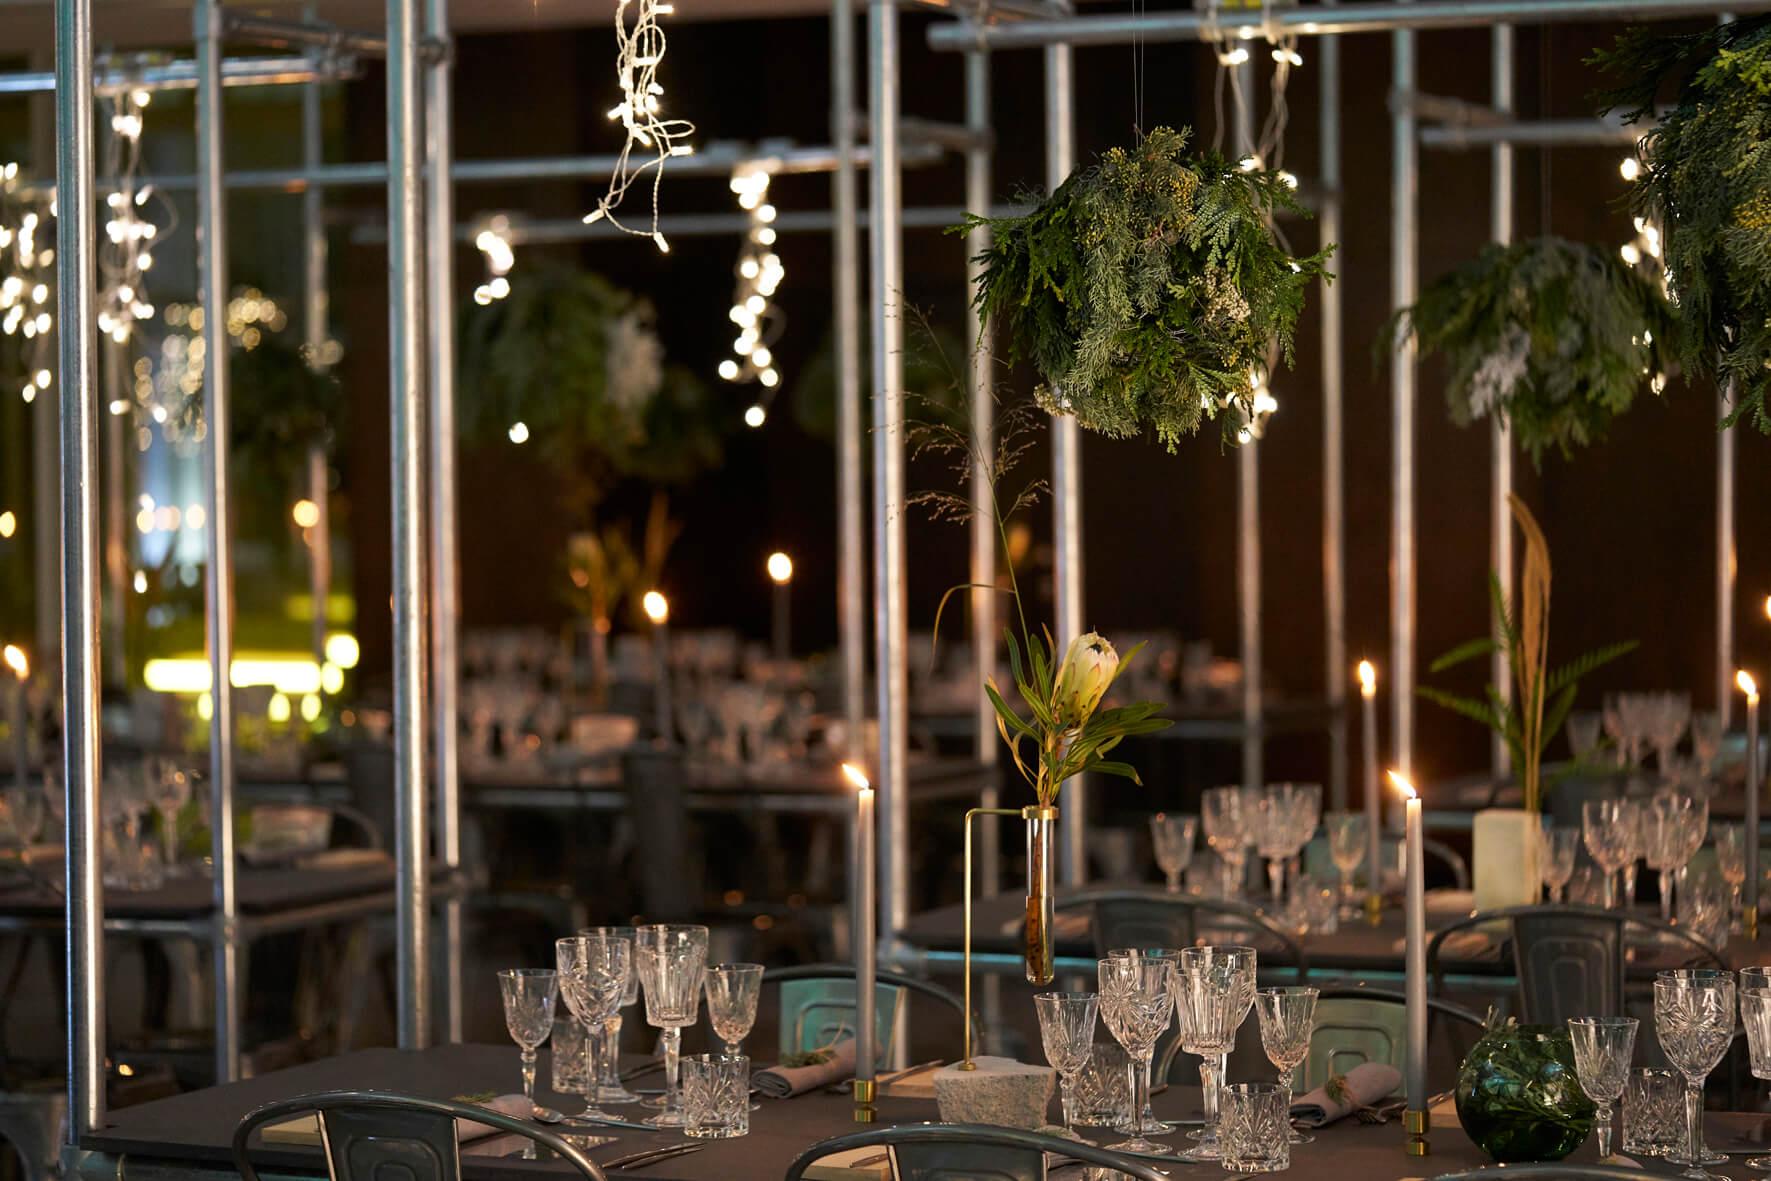 8_A table story serviceudlejning til fest og bryllup_Bestseller3